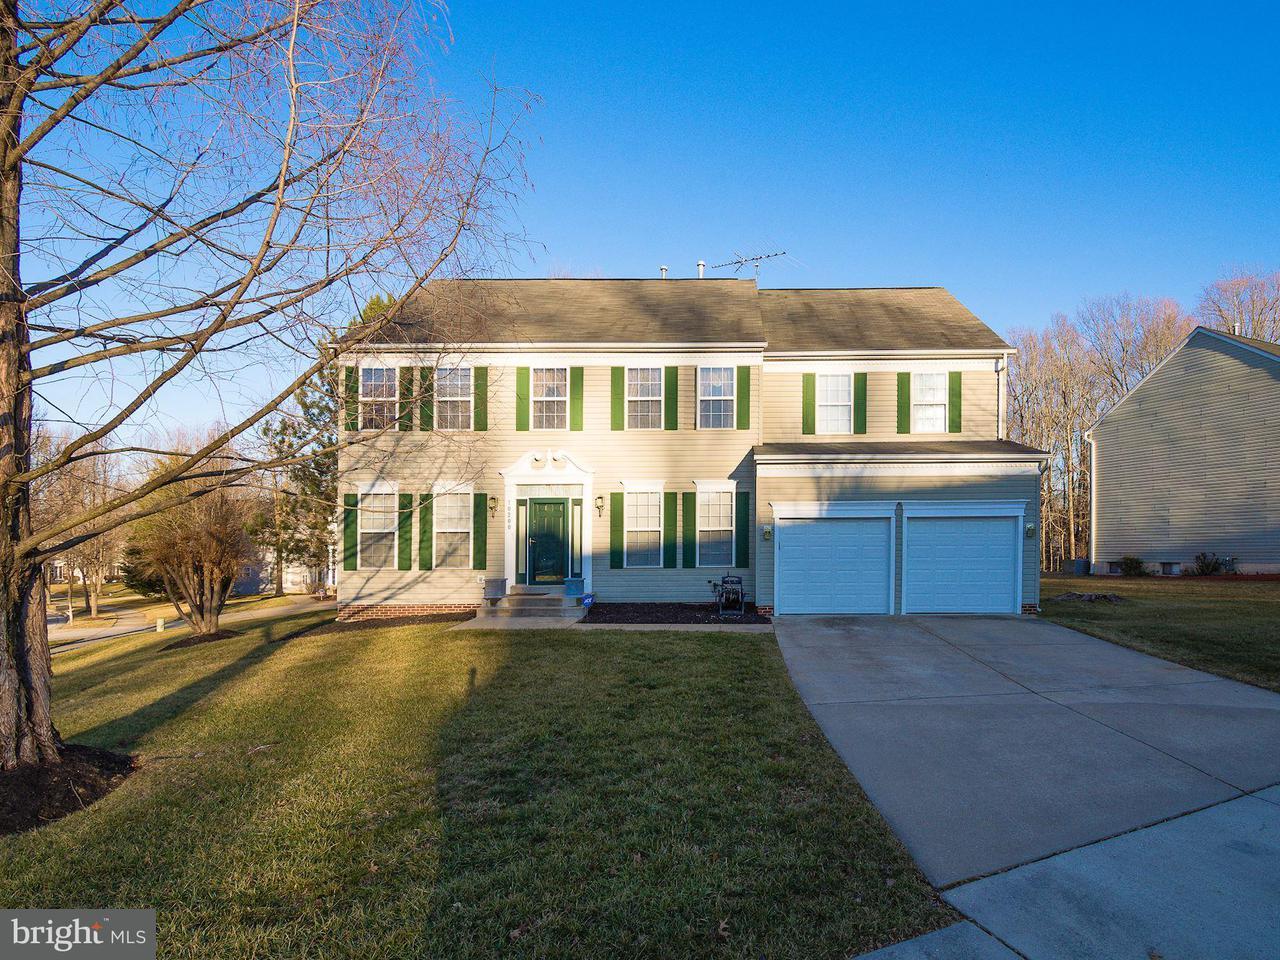 Частный односемейный дом для того Продажа на 10200 Rock Oak Ter 10200 Rock Oak Ter Cheltenham, Мэриленд 20623 Соединенные Штаты